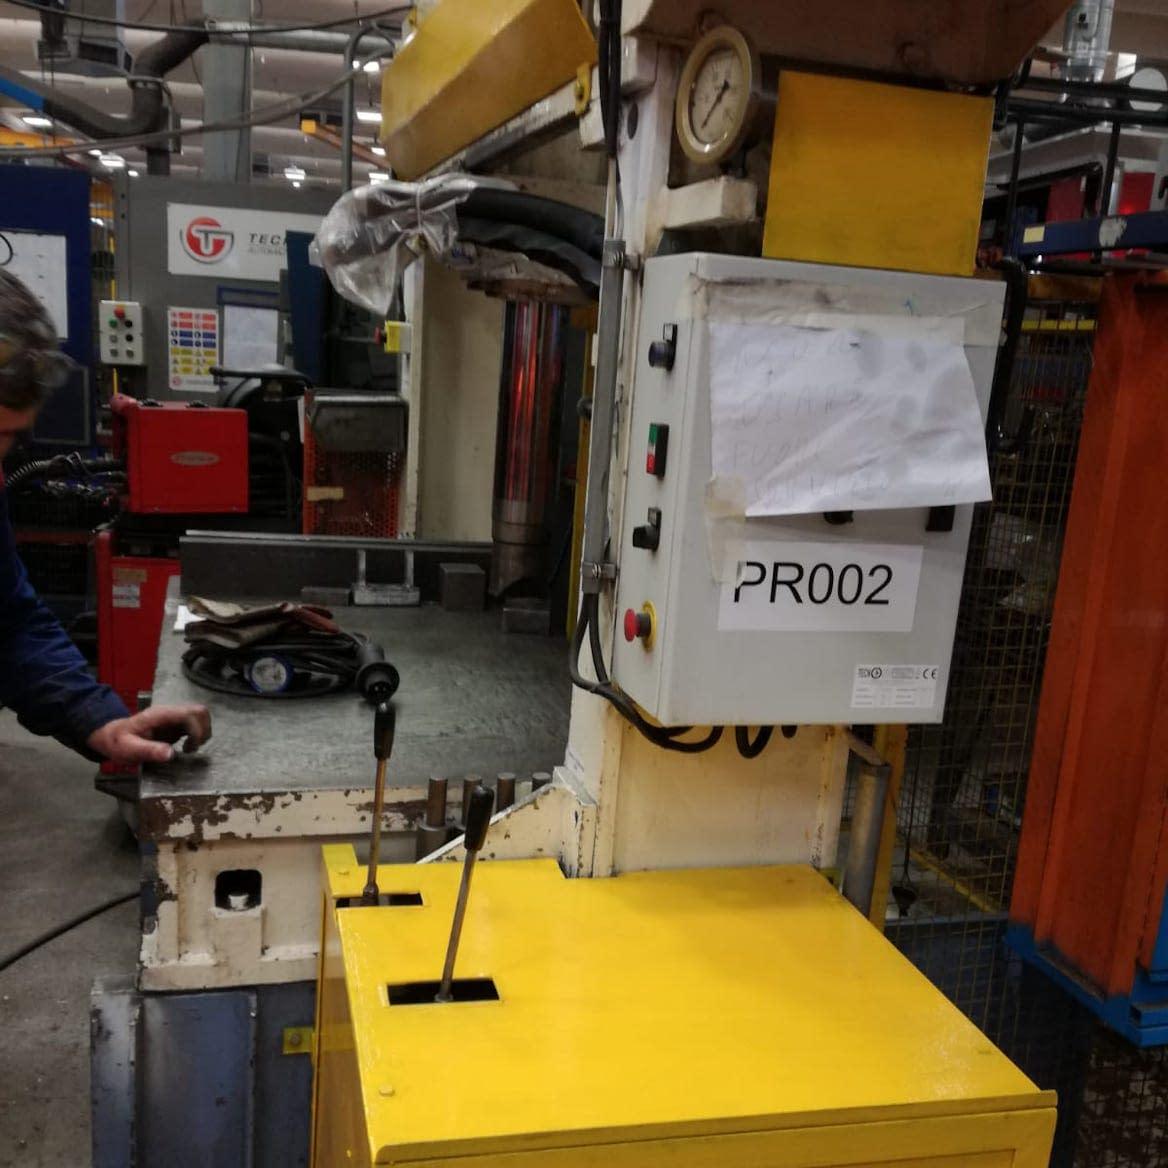 Revamping macchinari industriali 12